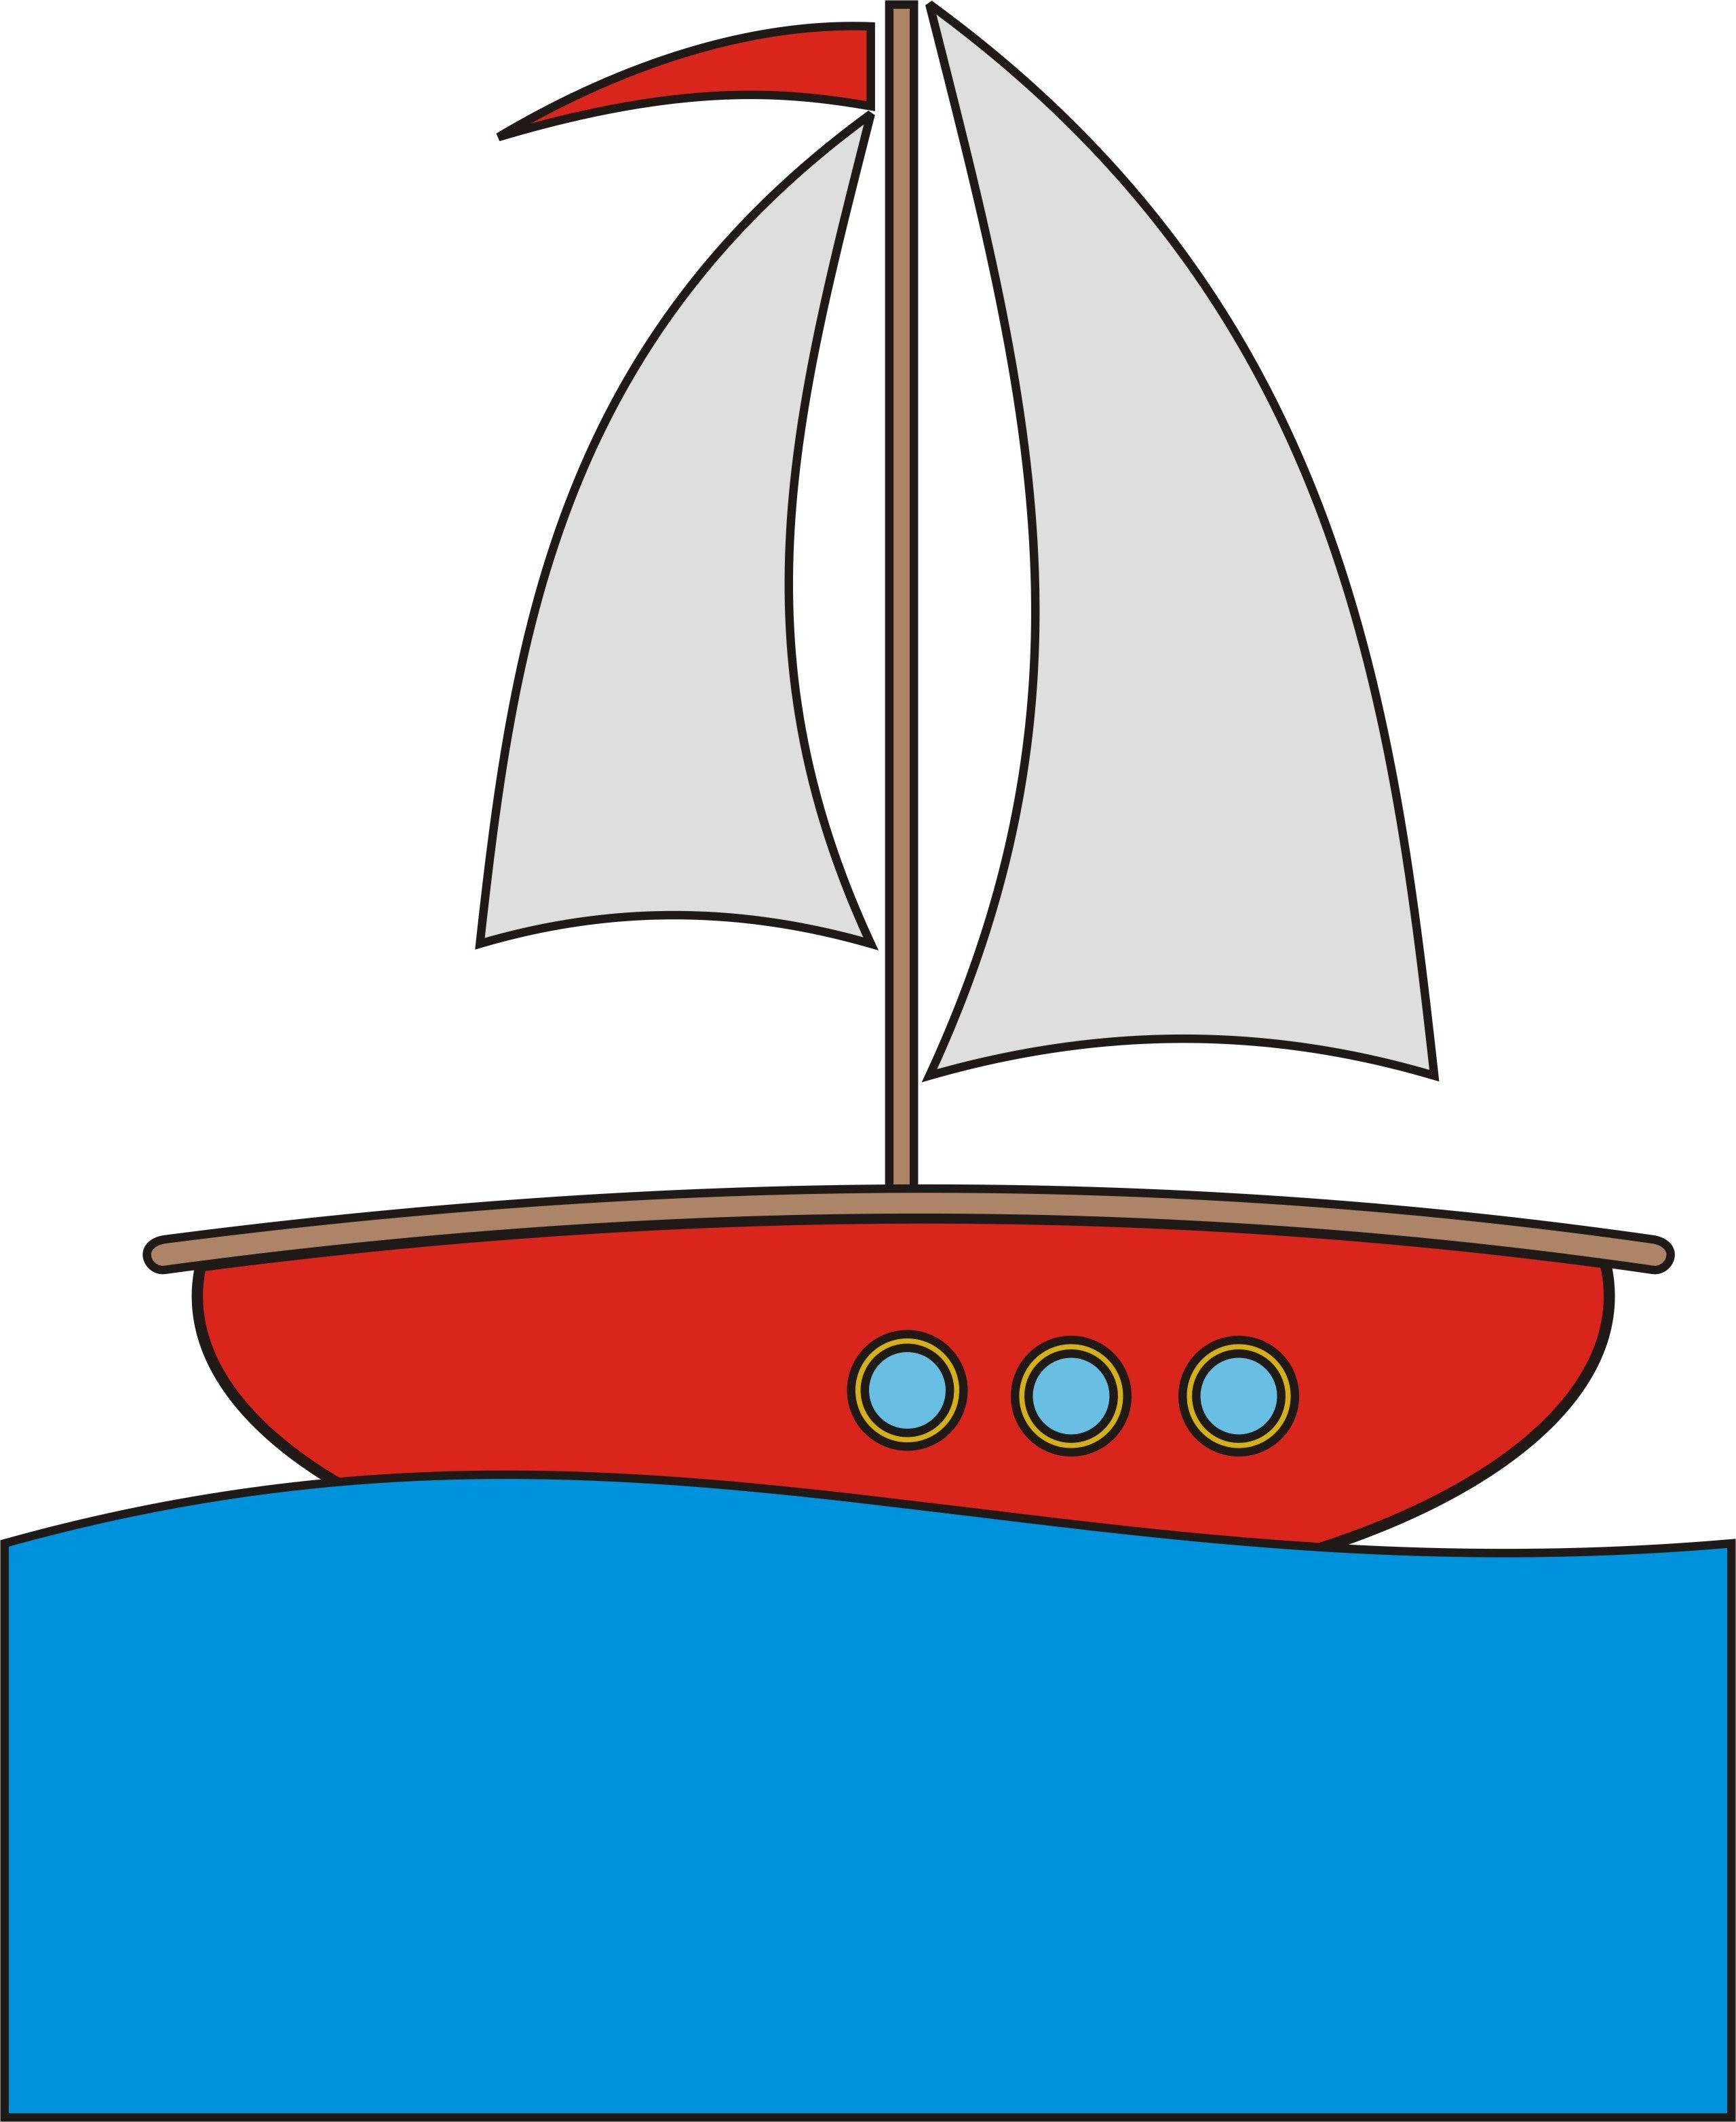 2559x3128 cartoon pictures cartoon boats boat cartoon, cartoon, cartoon pics